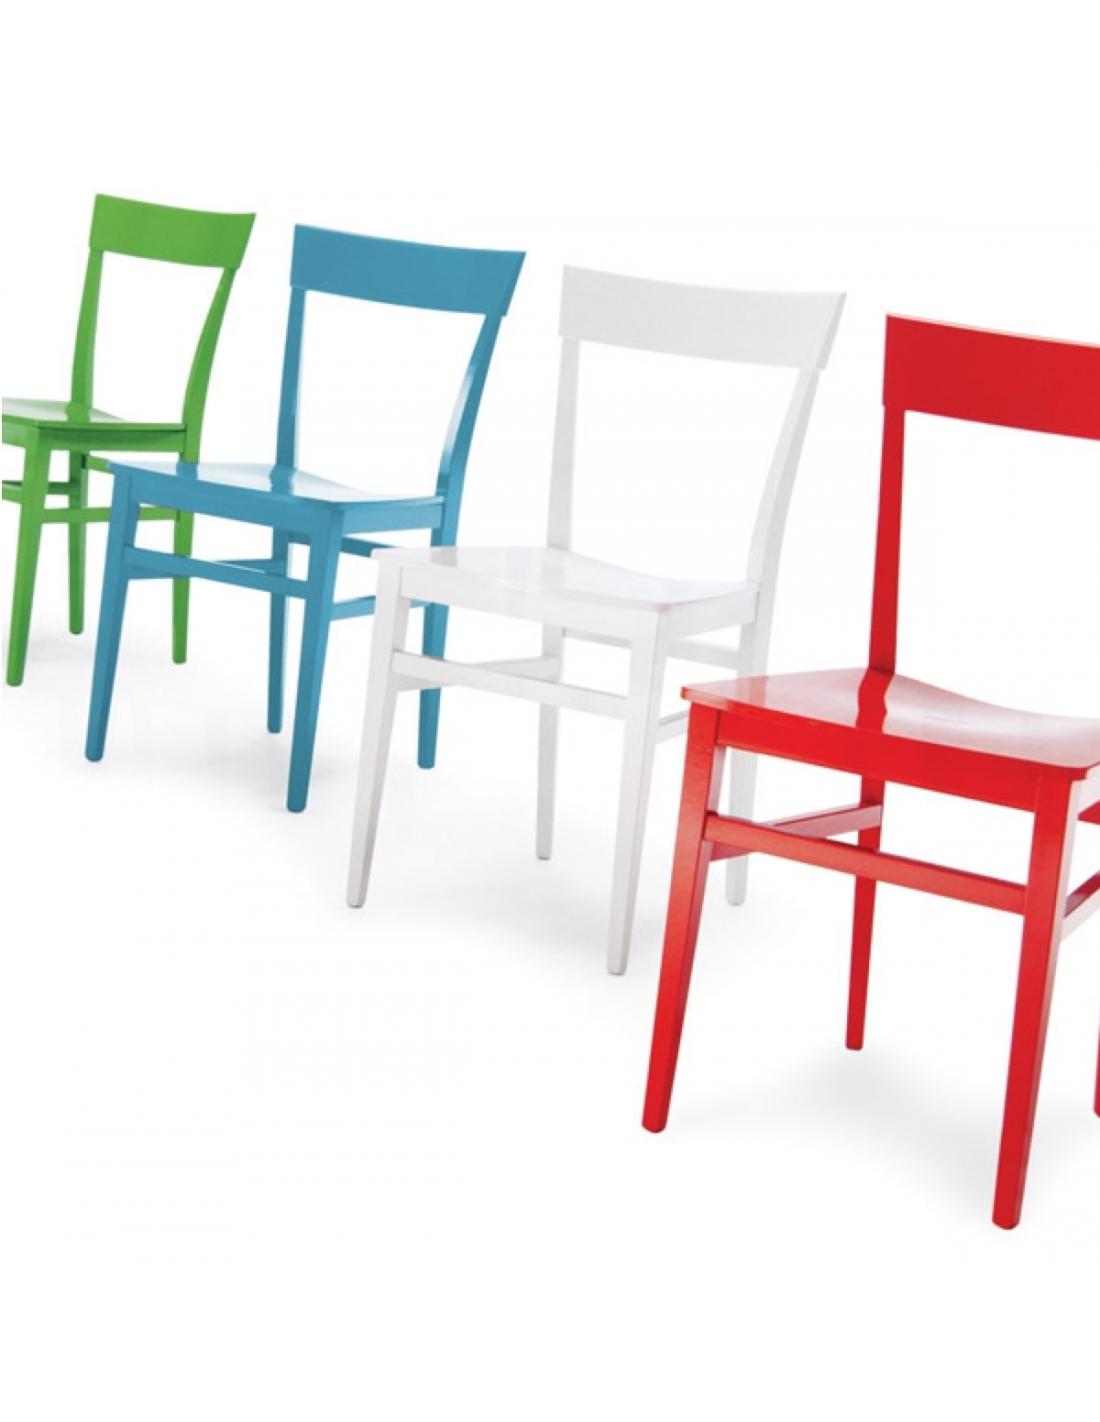 Sedia moderna in legno di faggio modello OLGA